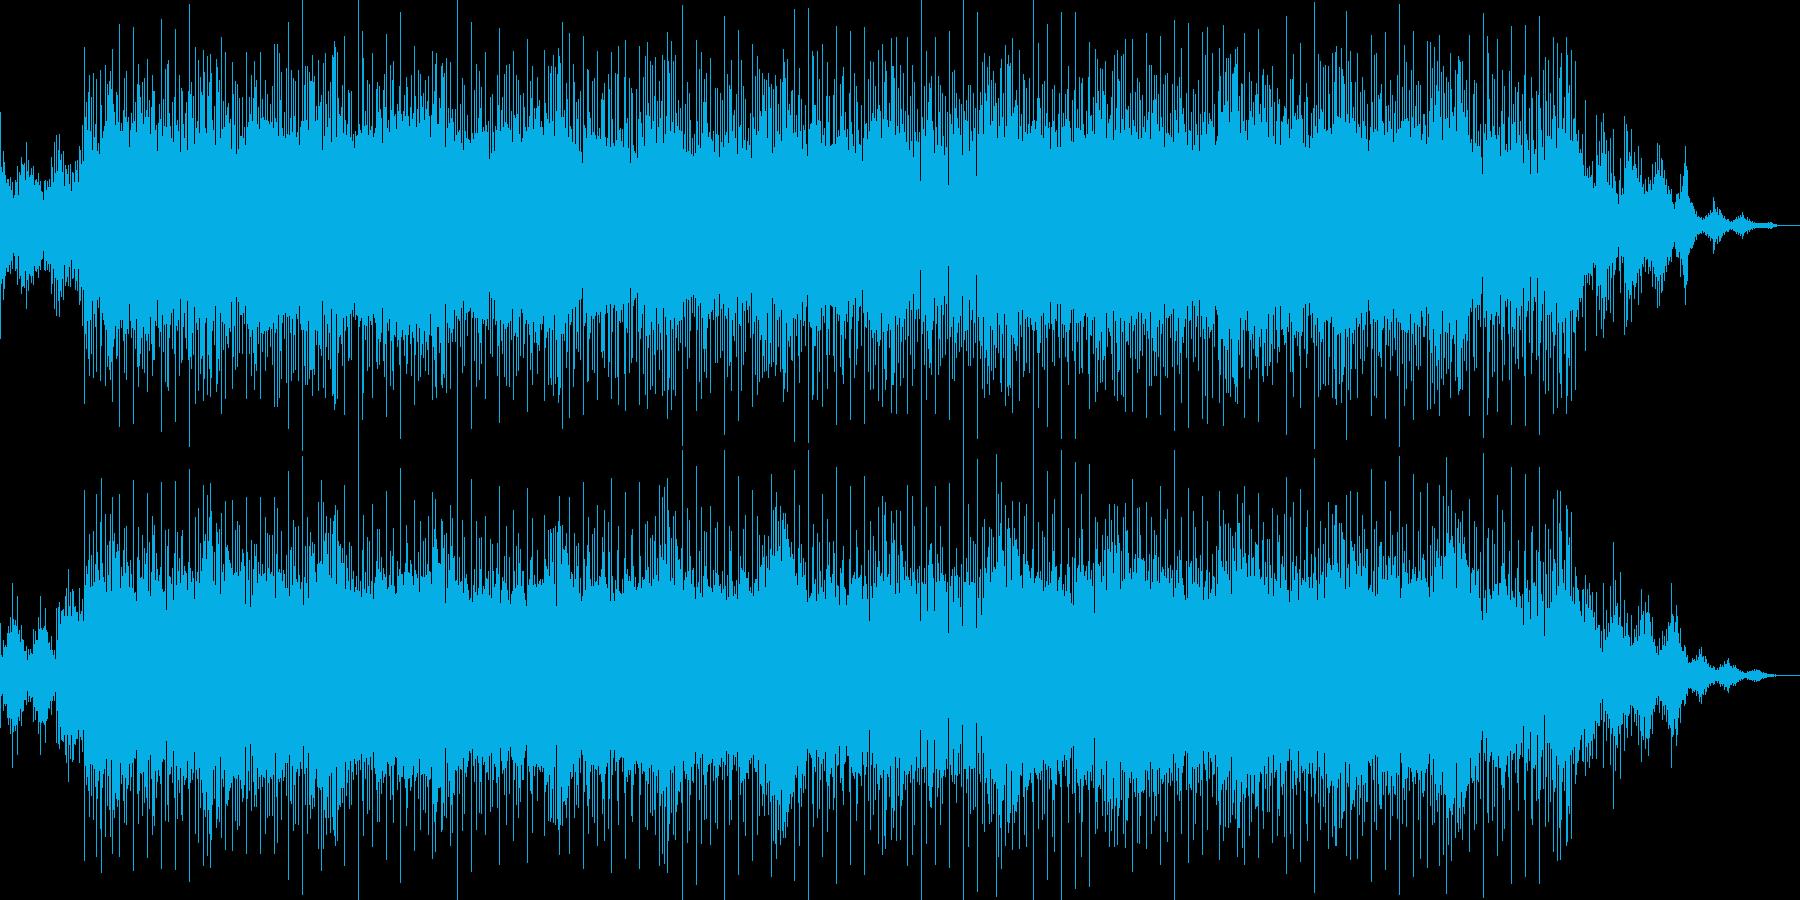 ノリのいいバッキングが印象的なBGMの再生済みの波形